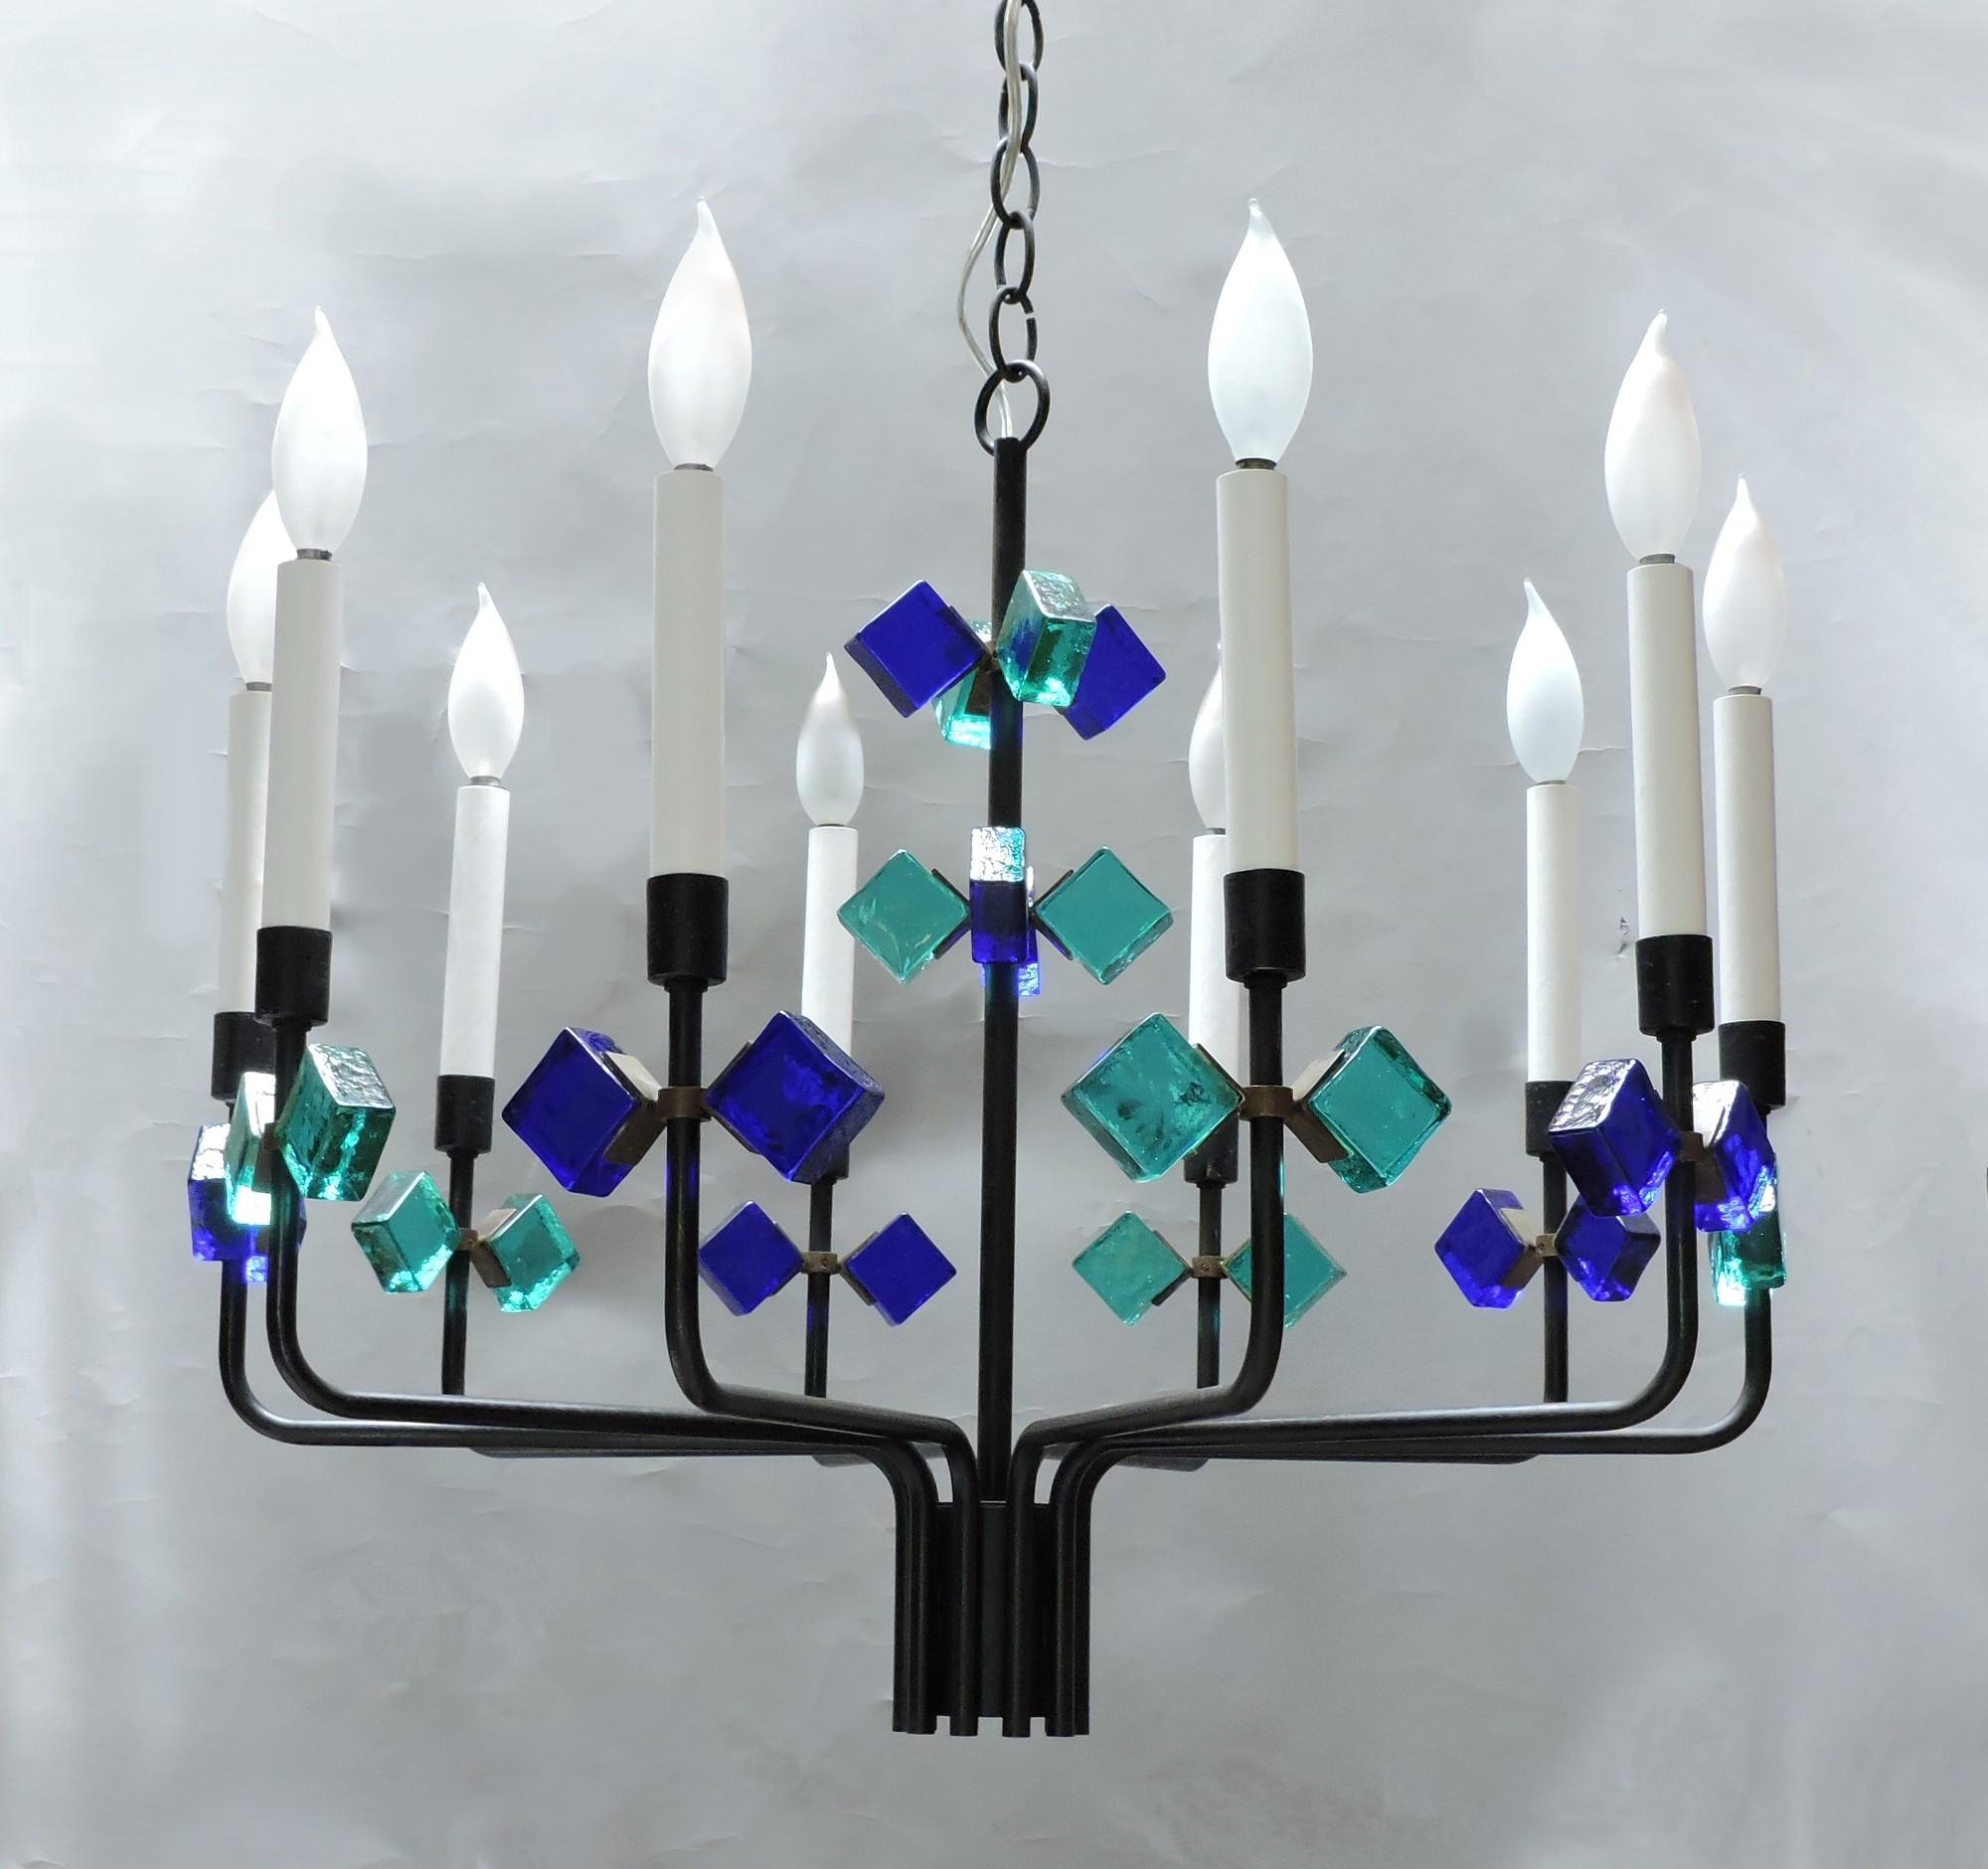 Mid century Danish modern iron and glass chandelier Erik Hoglund